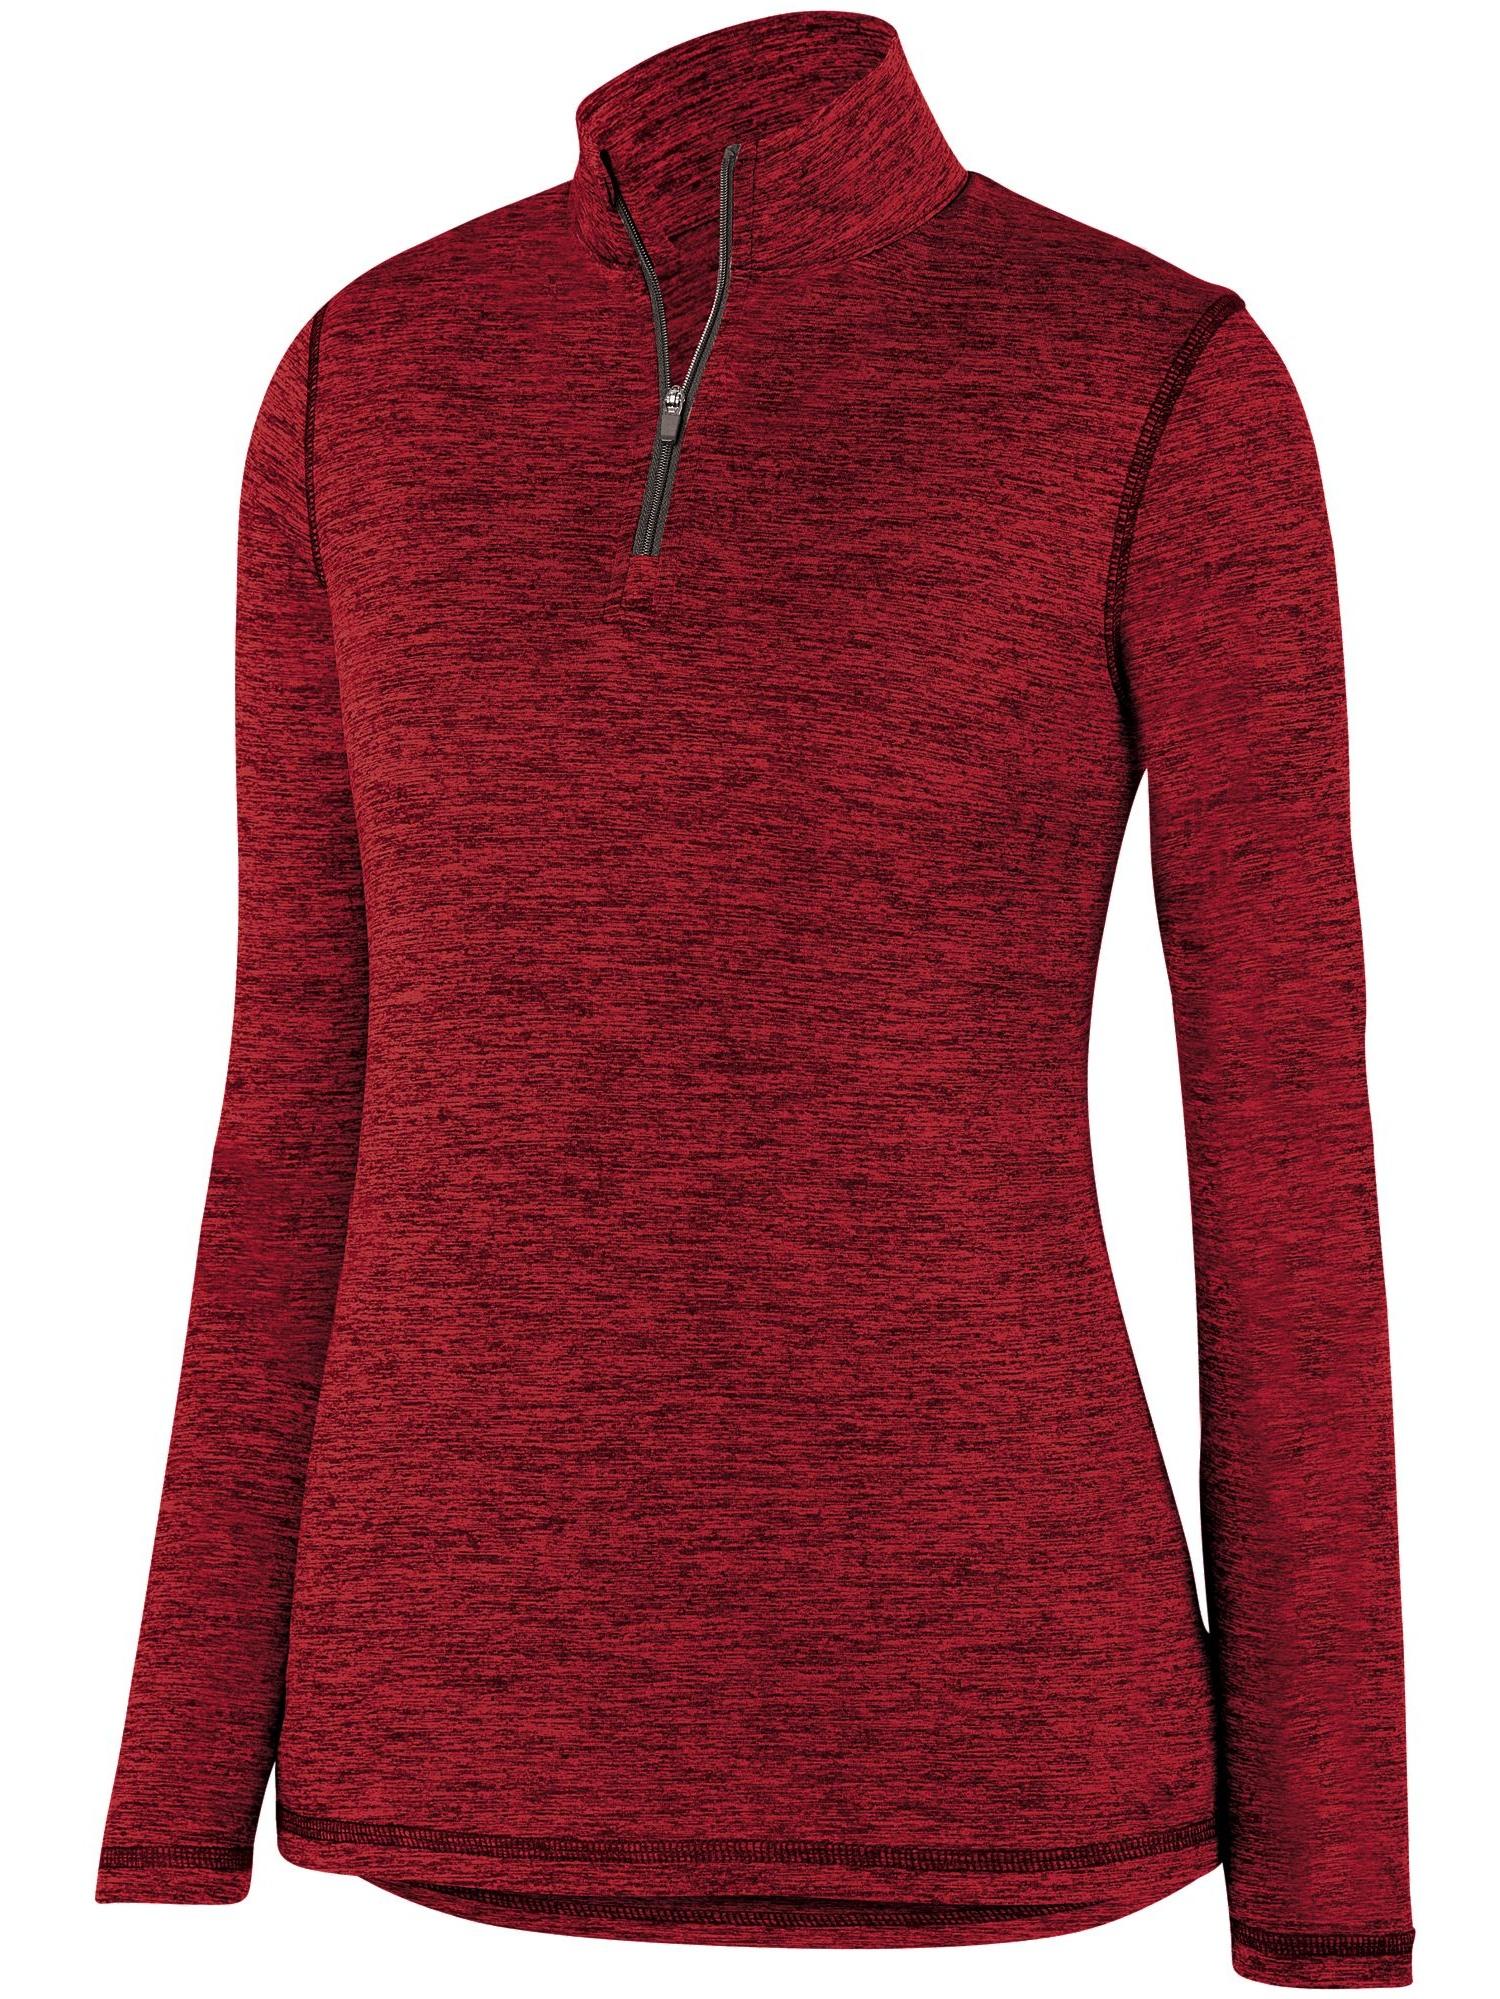 Augusta Sportswear Women's Intensify Black Heather 1/4 Zip Pullover 2957